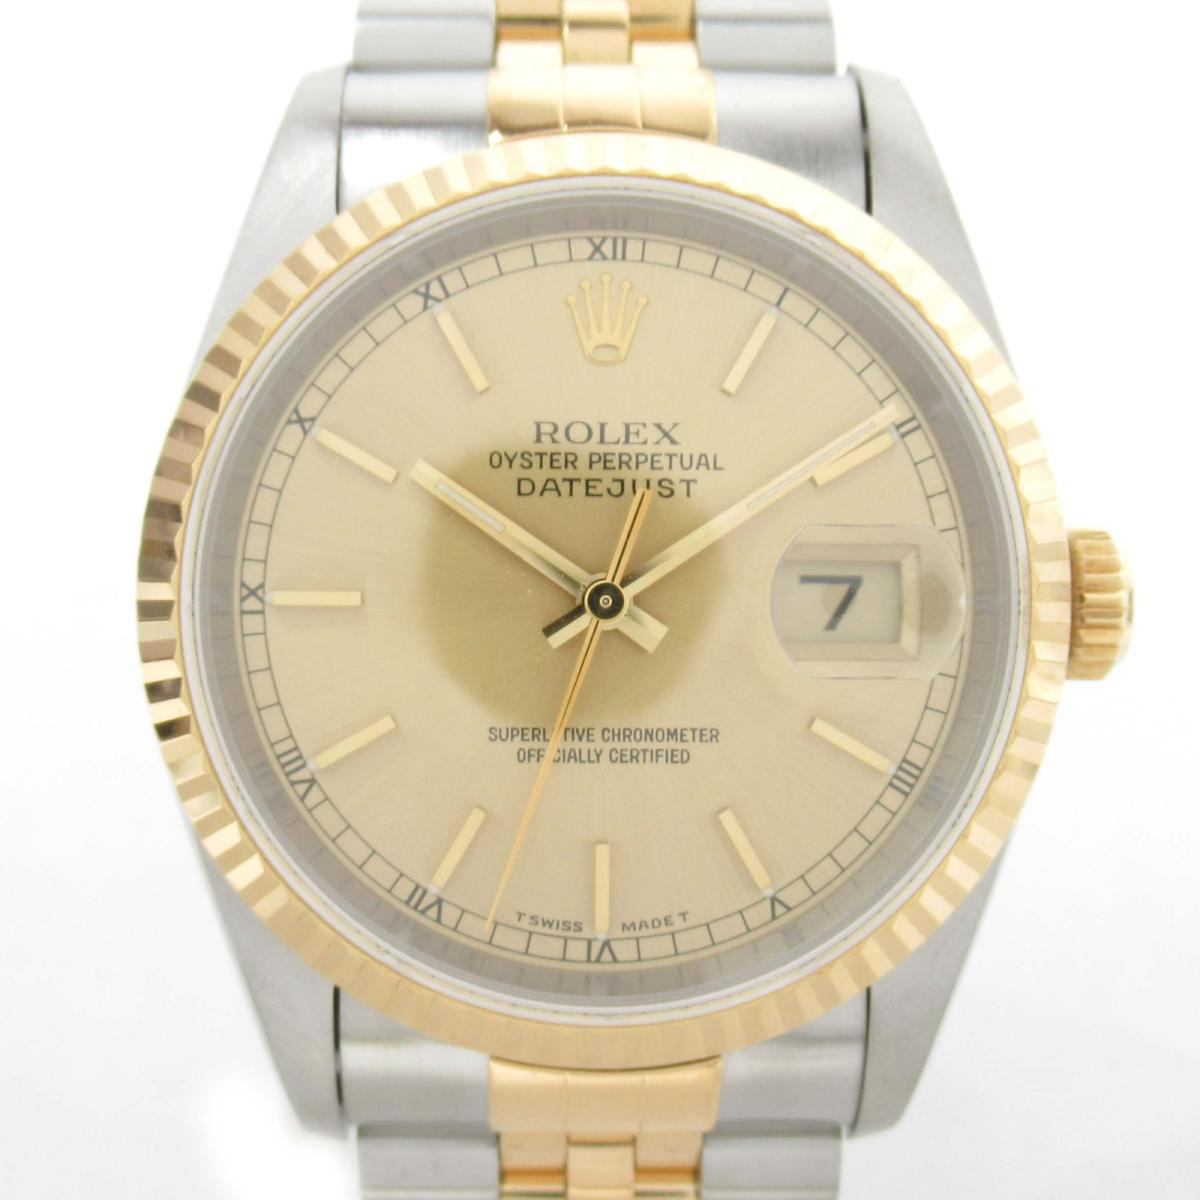 【中古】 ロレックス デイトジャスト ウォッチ 腕時計 メンズ K18YG (750)イエローゴールド x ステンレススチール (SS) (16233 T番) | ROLEX BRANDOFF ブランドオフ ブランド ブランド時計 ブランド腕時計 時計